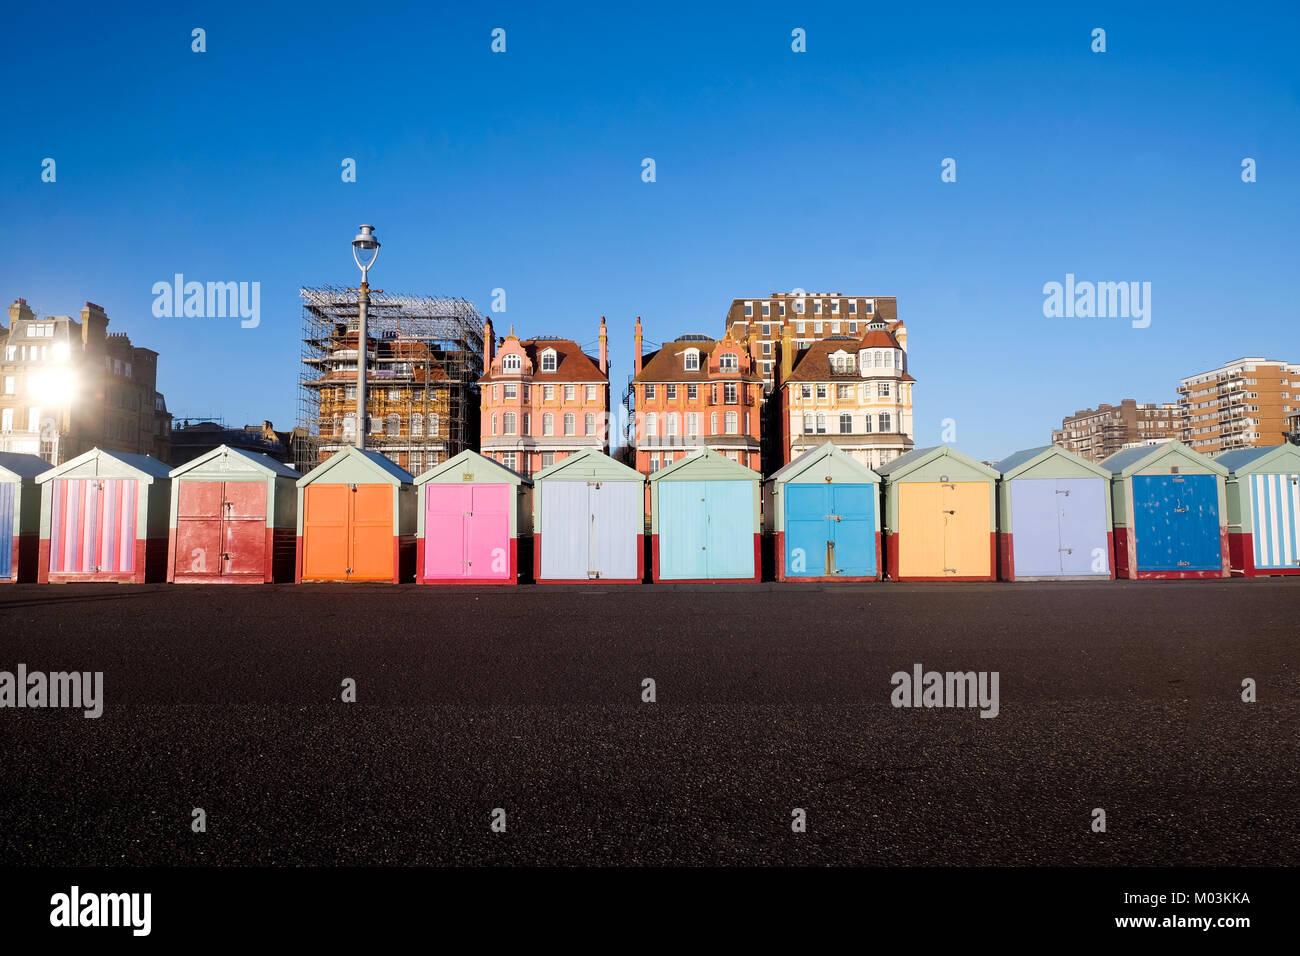 Brighton Seafront 13 bunten Badekabinen, auf Brighton Beach Promenade hinter ist blauer Himmel und 3 viktorianischen Stockfoto